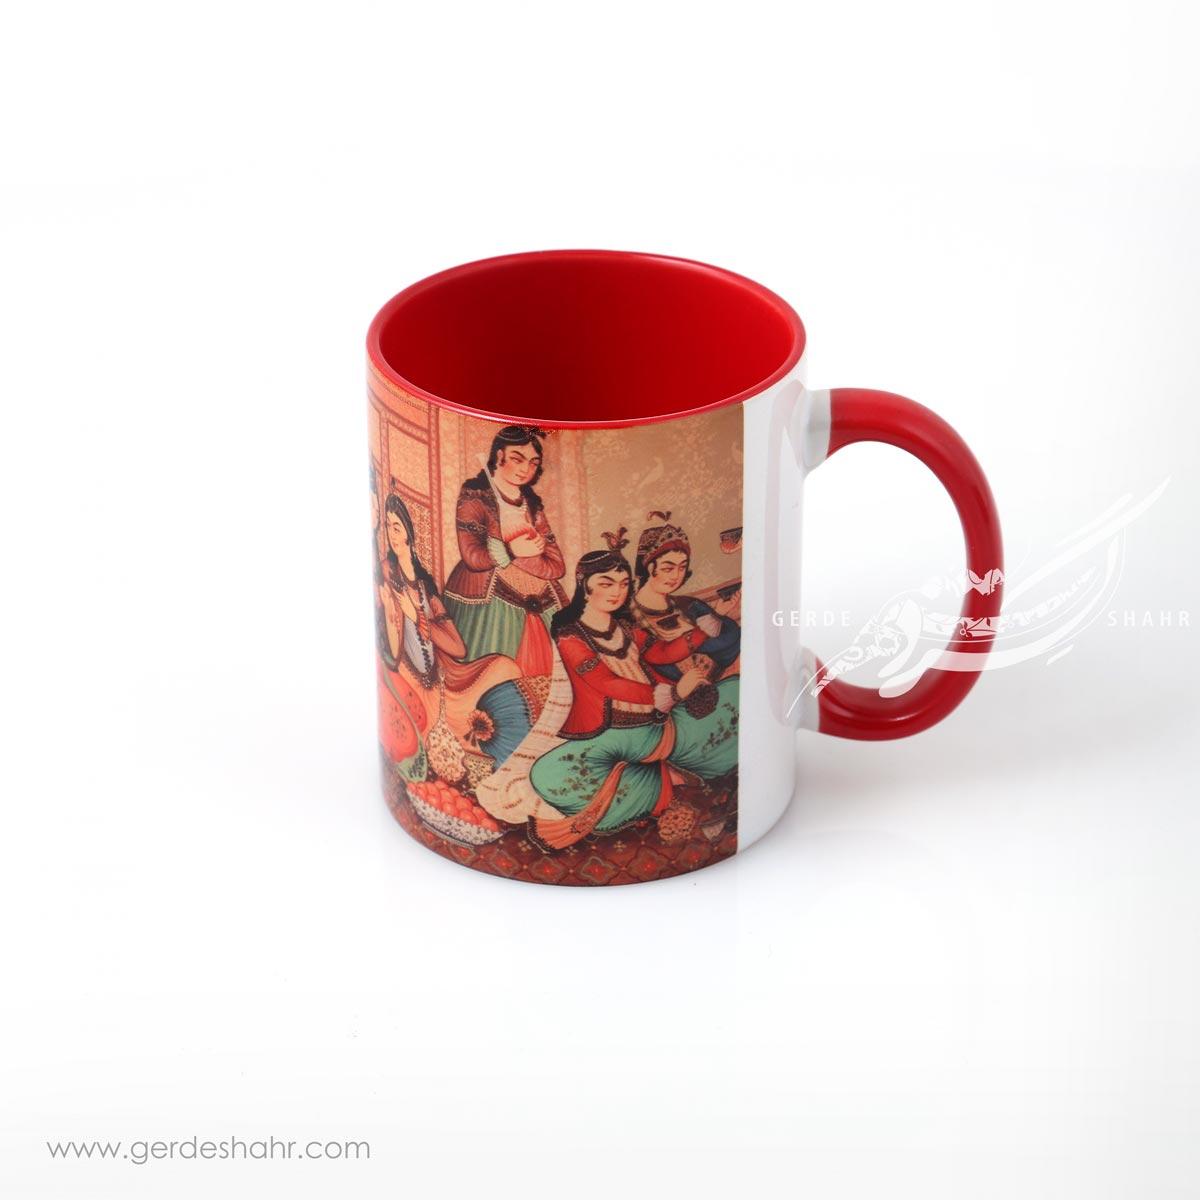 ماگ قرمز نقش مینیاتور پیکتومن محصولات